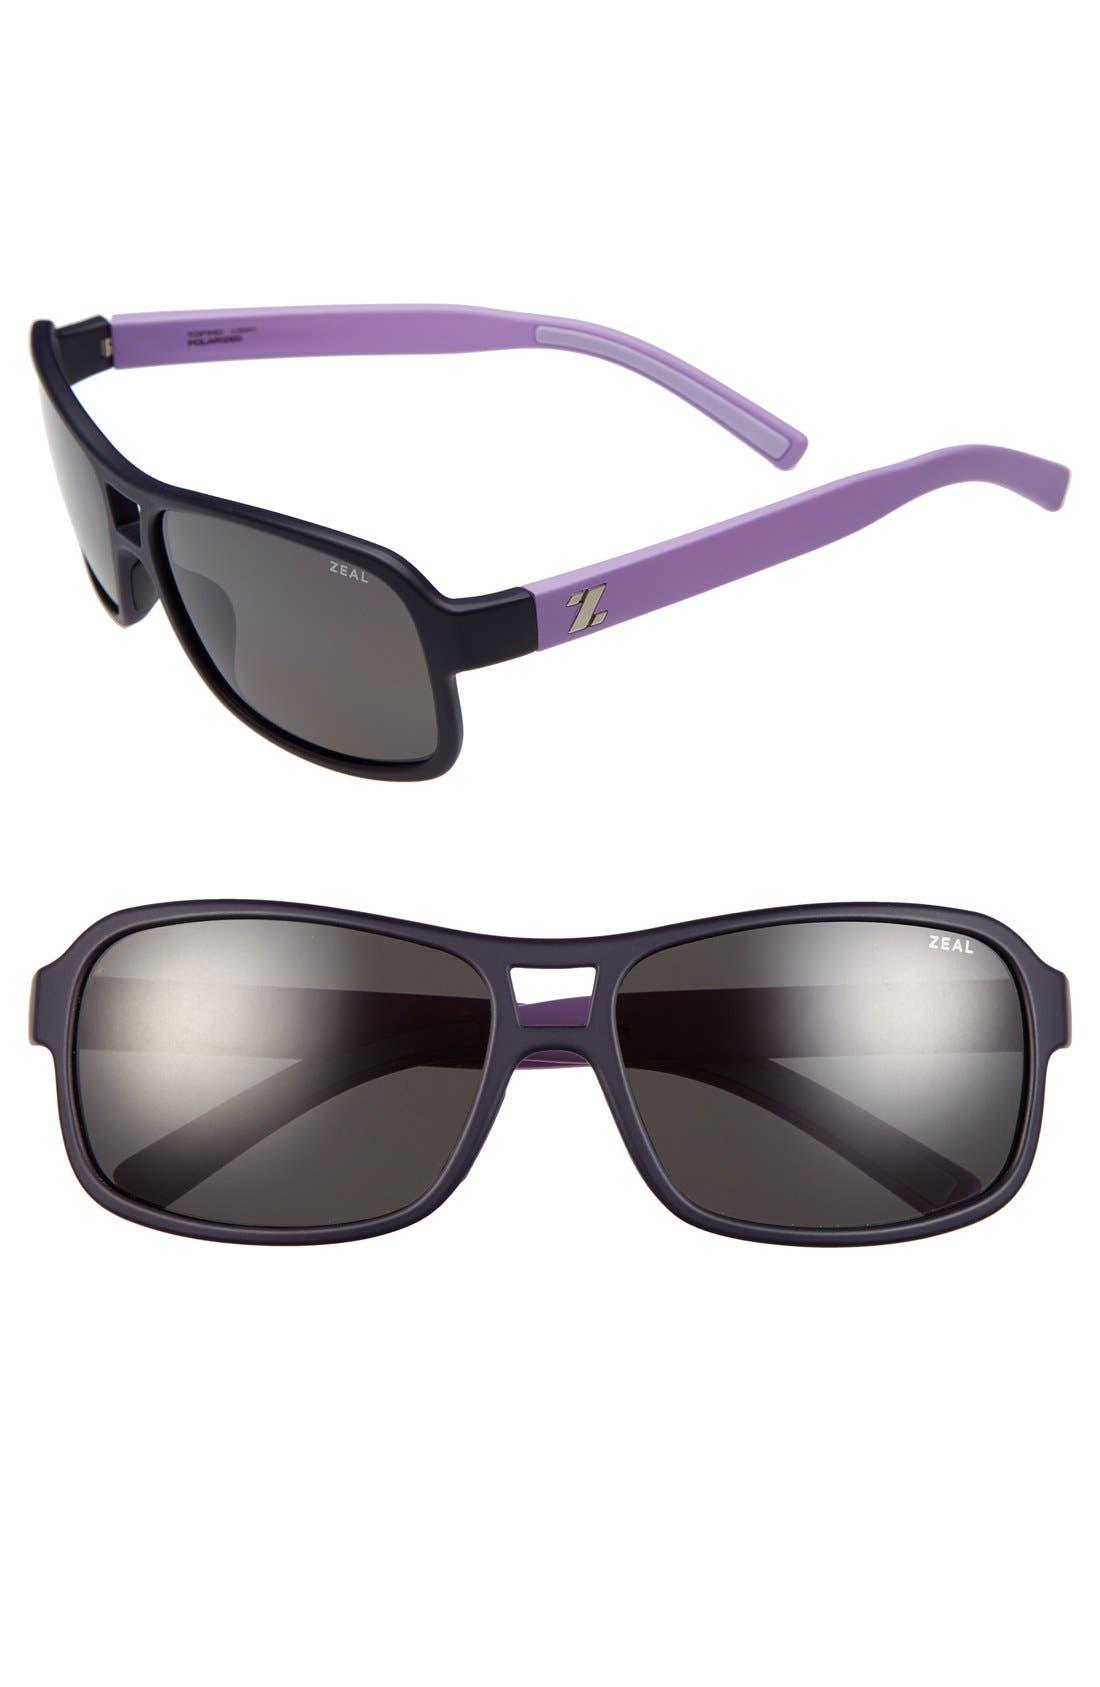 Alternate Image 1 Selected - Zeal Optics 'Tofino' 57mm Polarized Plant Based Sunglasses